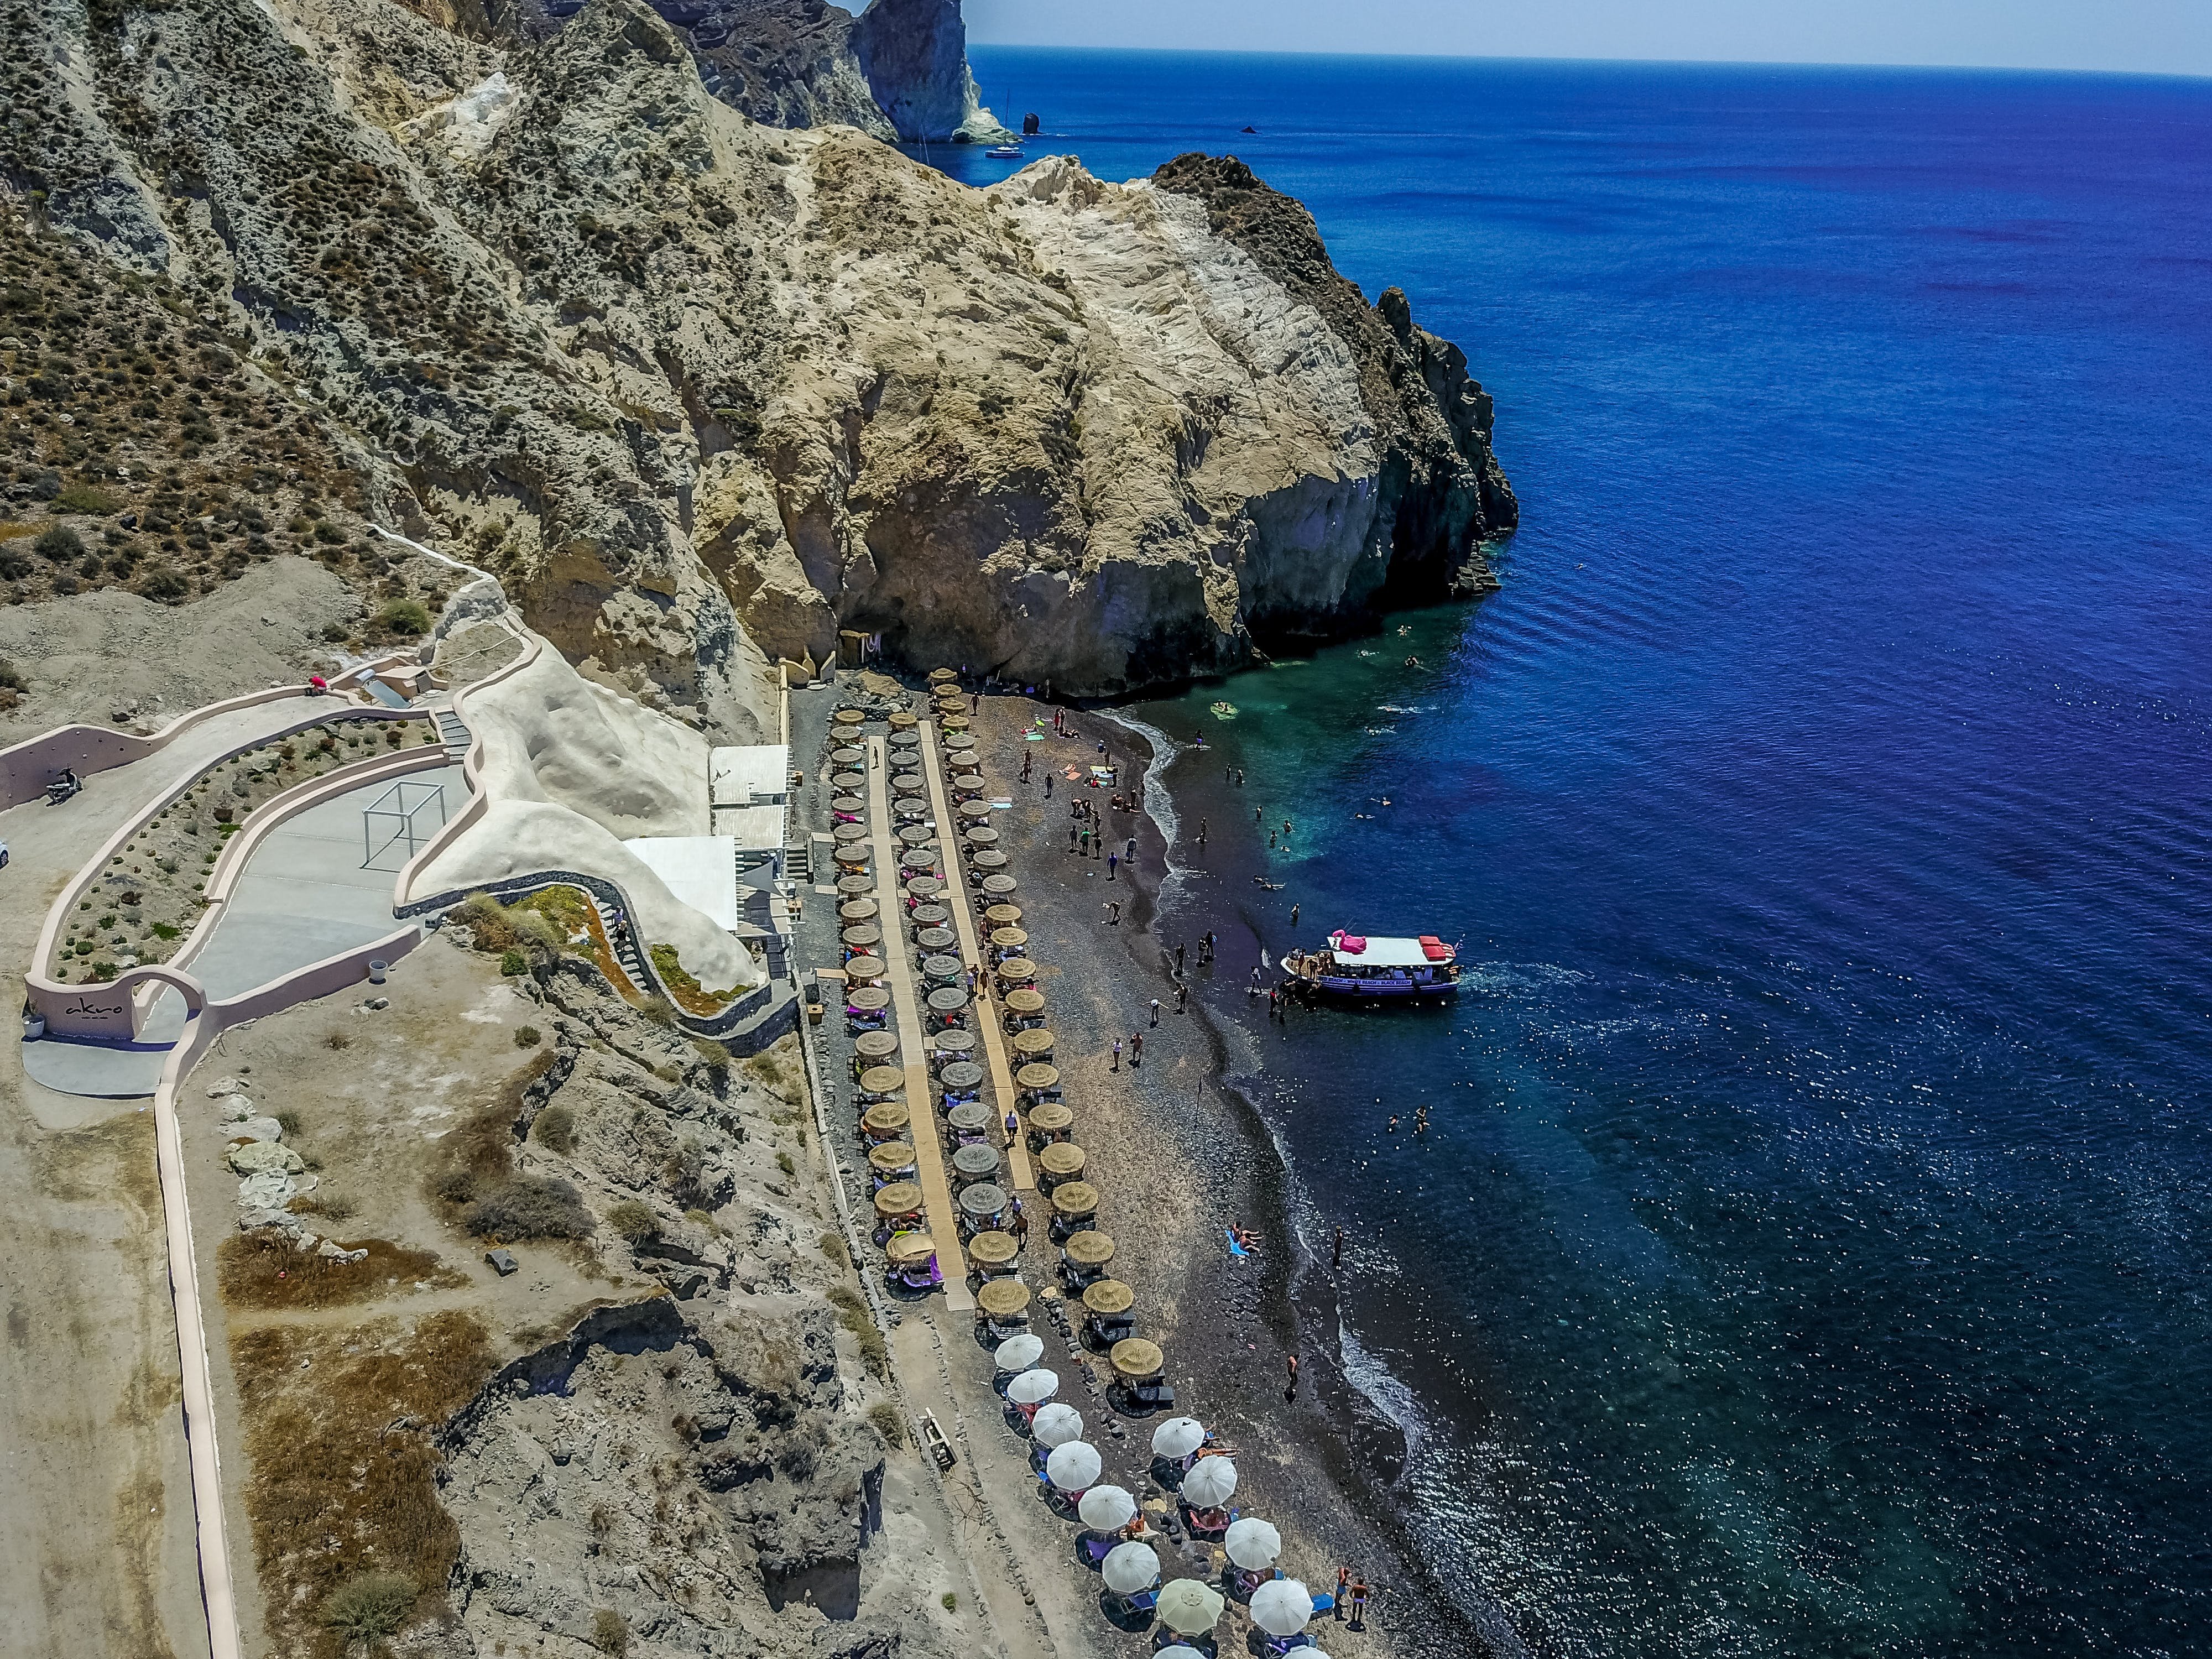 Δωρεάν στοκ φωτογραφιών με drone, drone cam, γαλάζια νερά, Ελλάδα